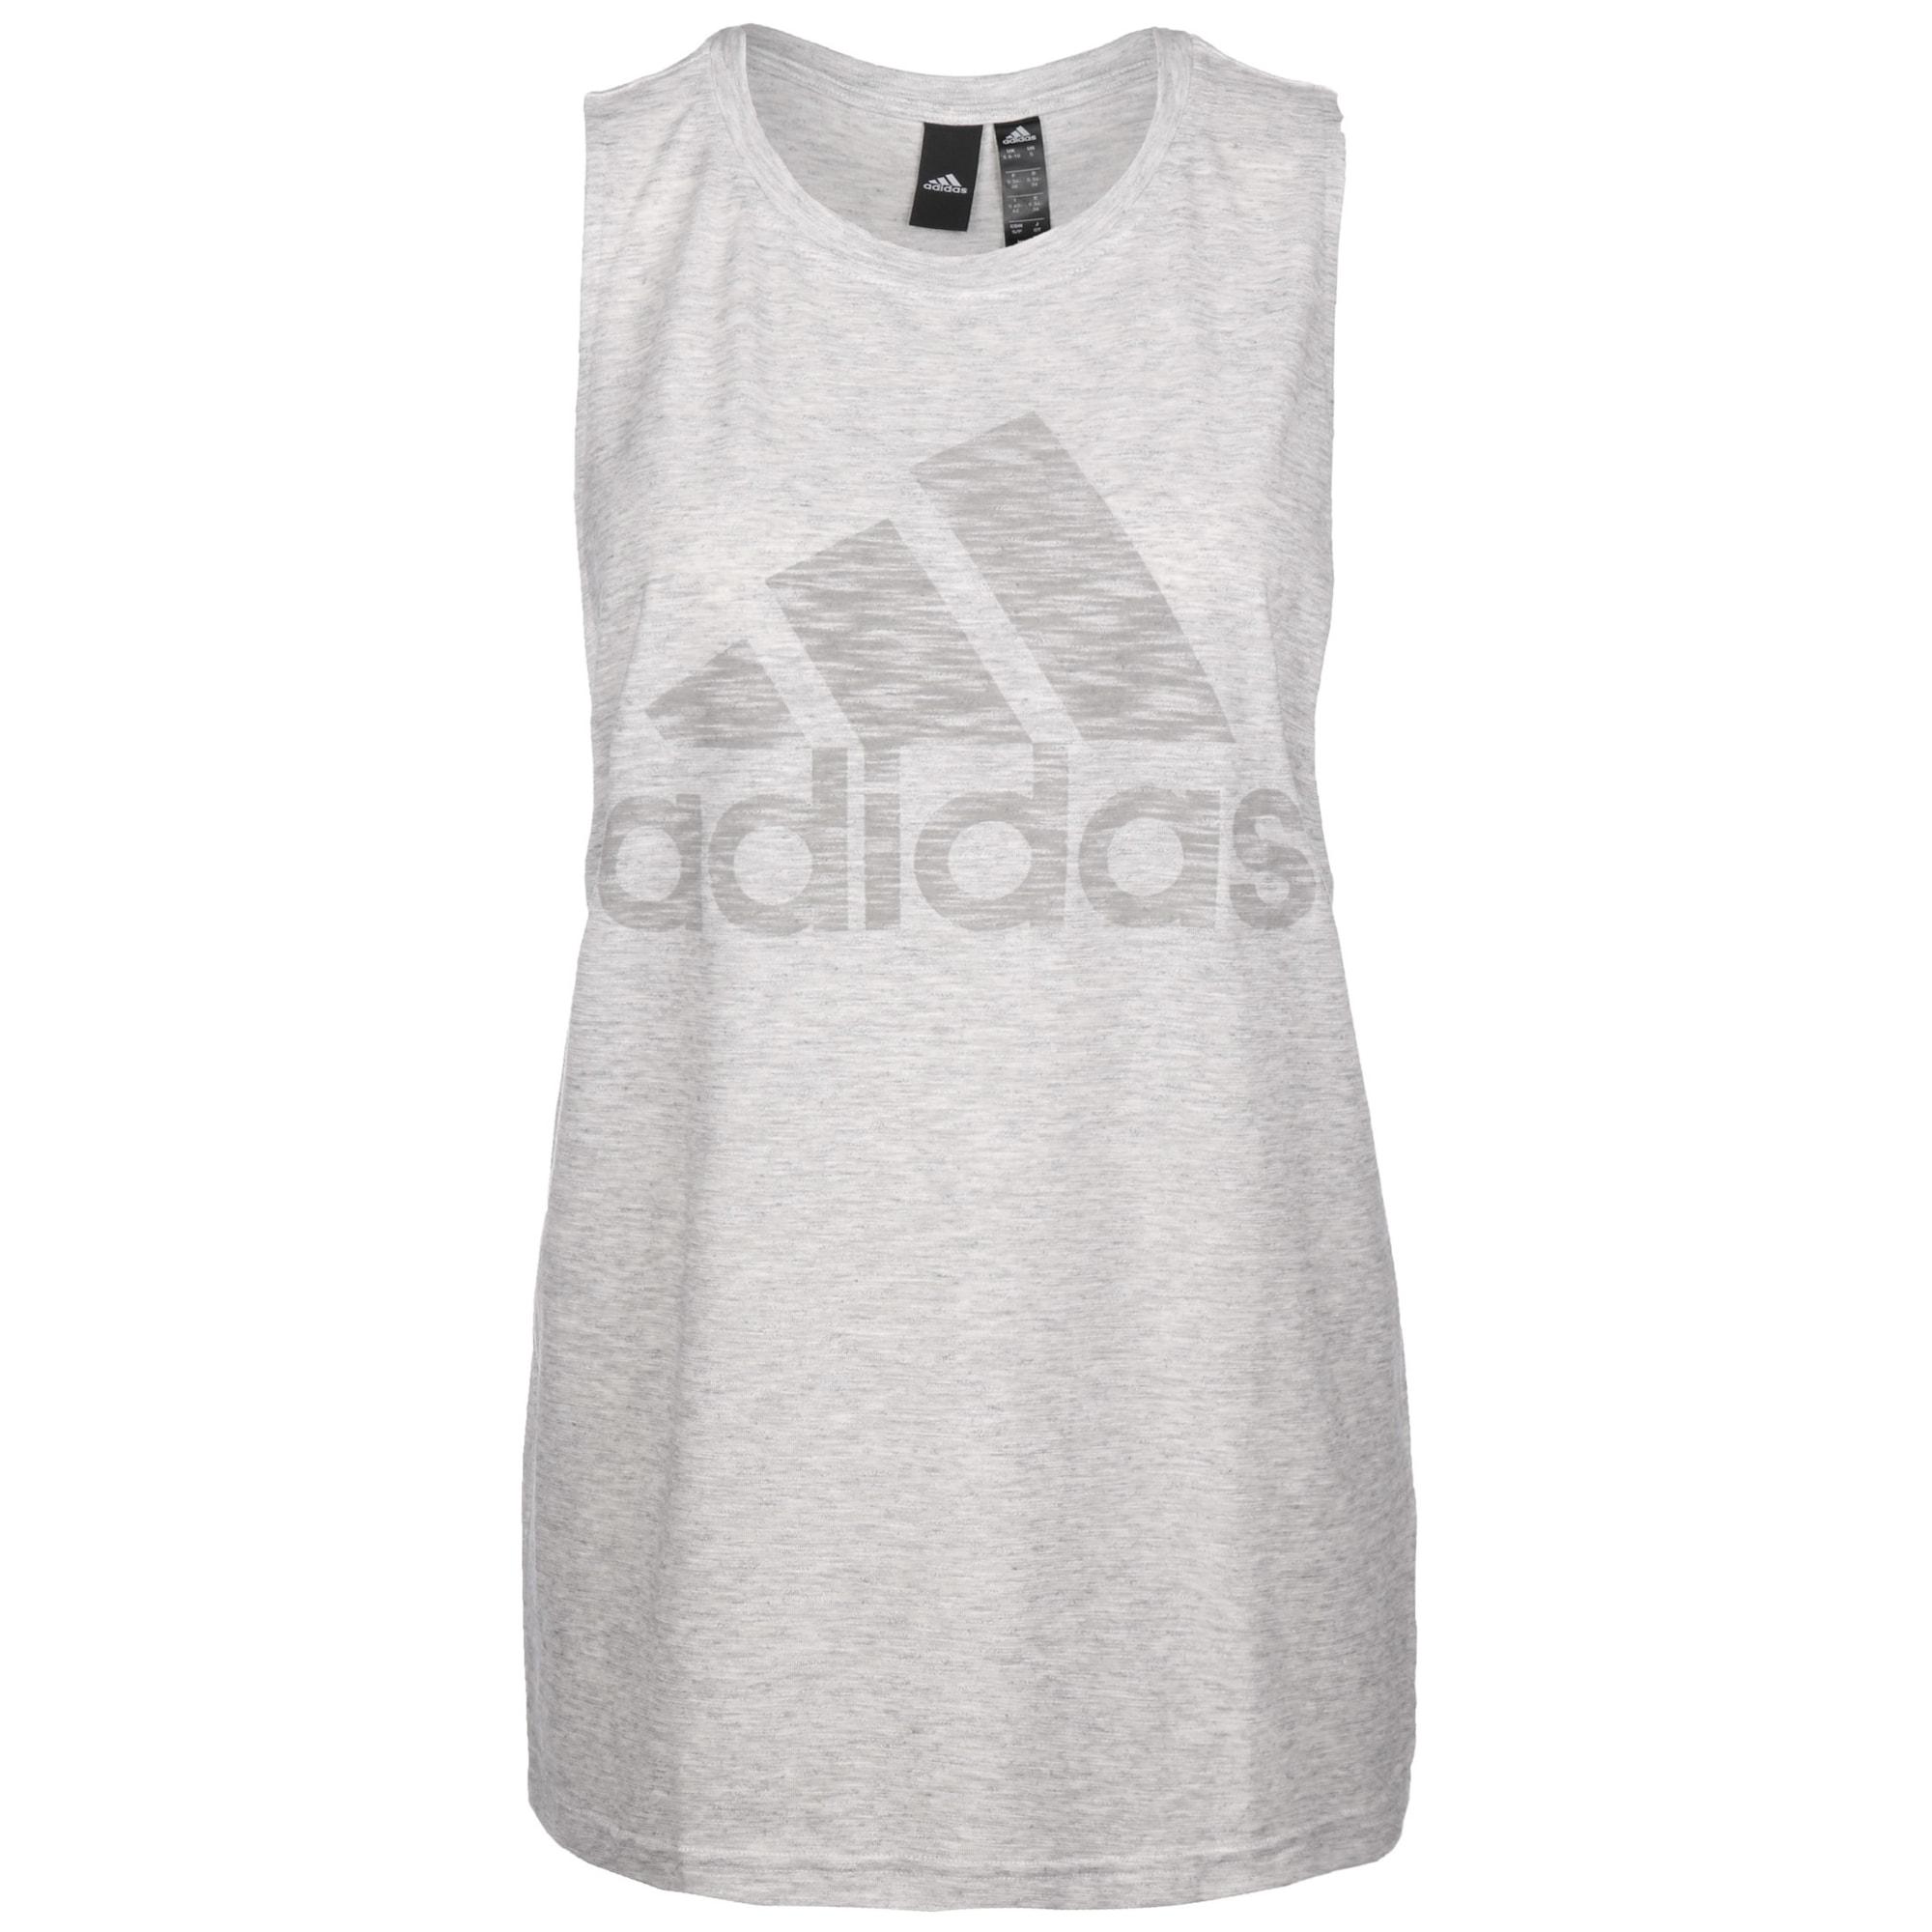 ADIDAS PERFORMANCE Sportiniai marškinėliai be rankovių pilka / balta